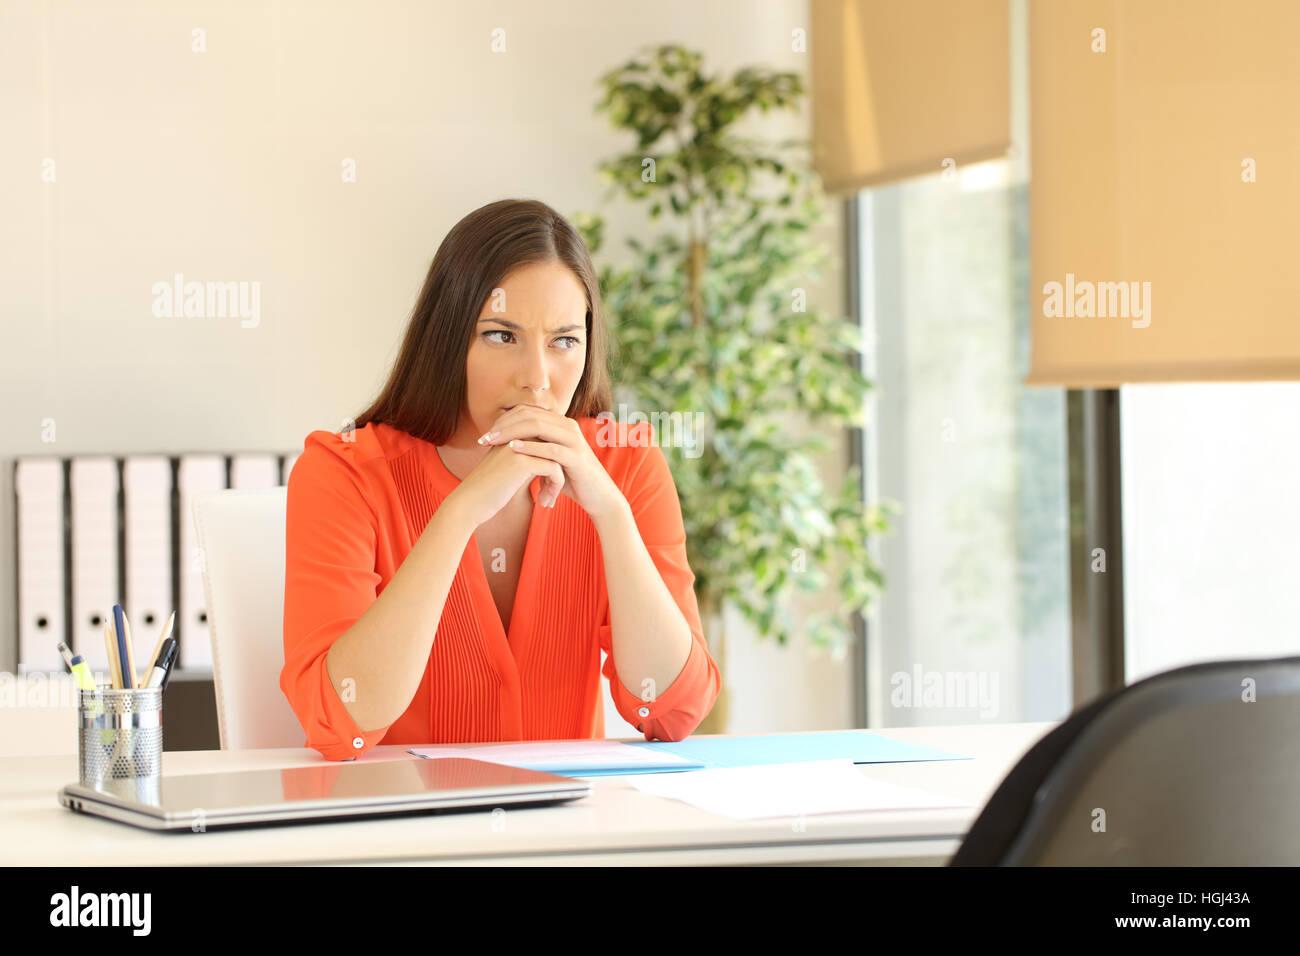 Pensativo y nervioso mujer esperando el entrevistador durante una entrevista de trabajo en un escritorio en la oficina Imagen De Stock